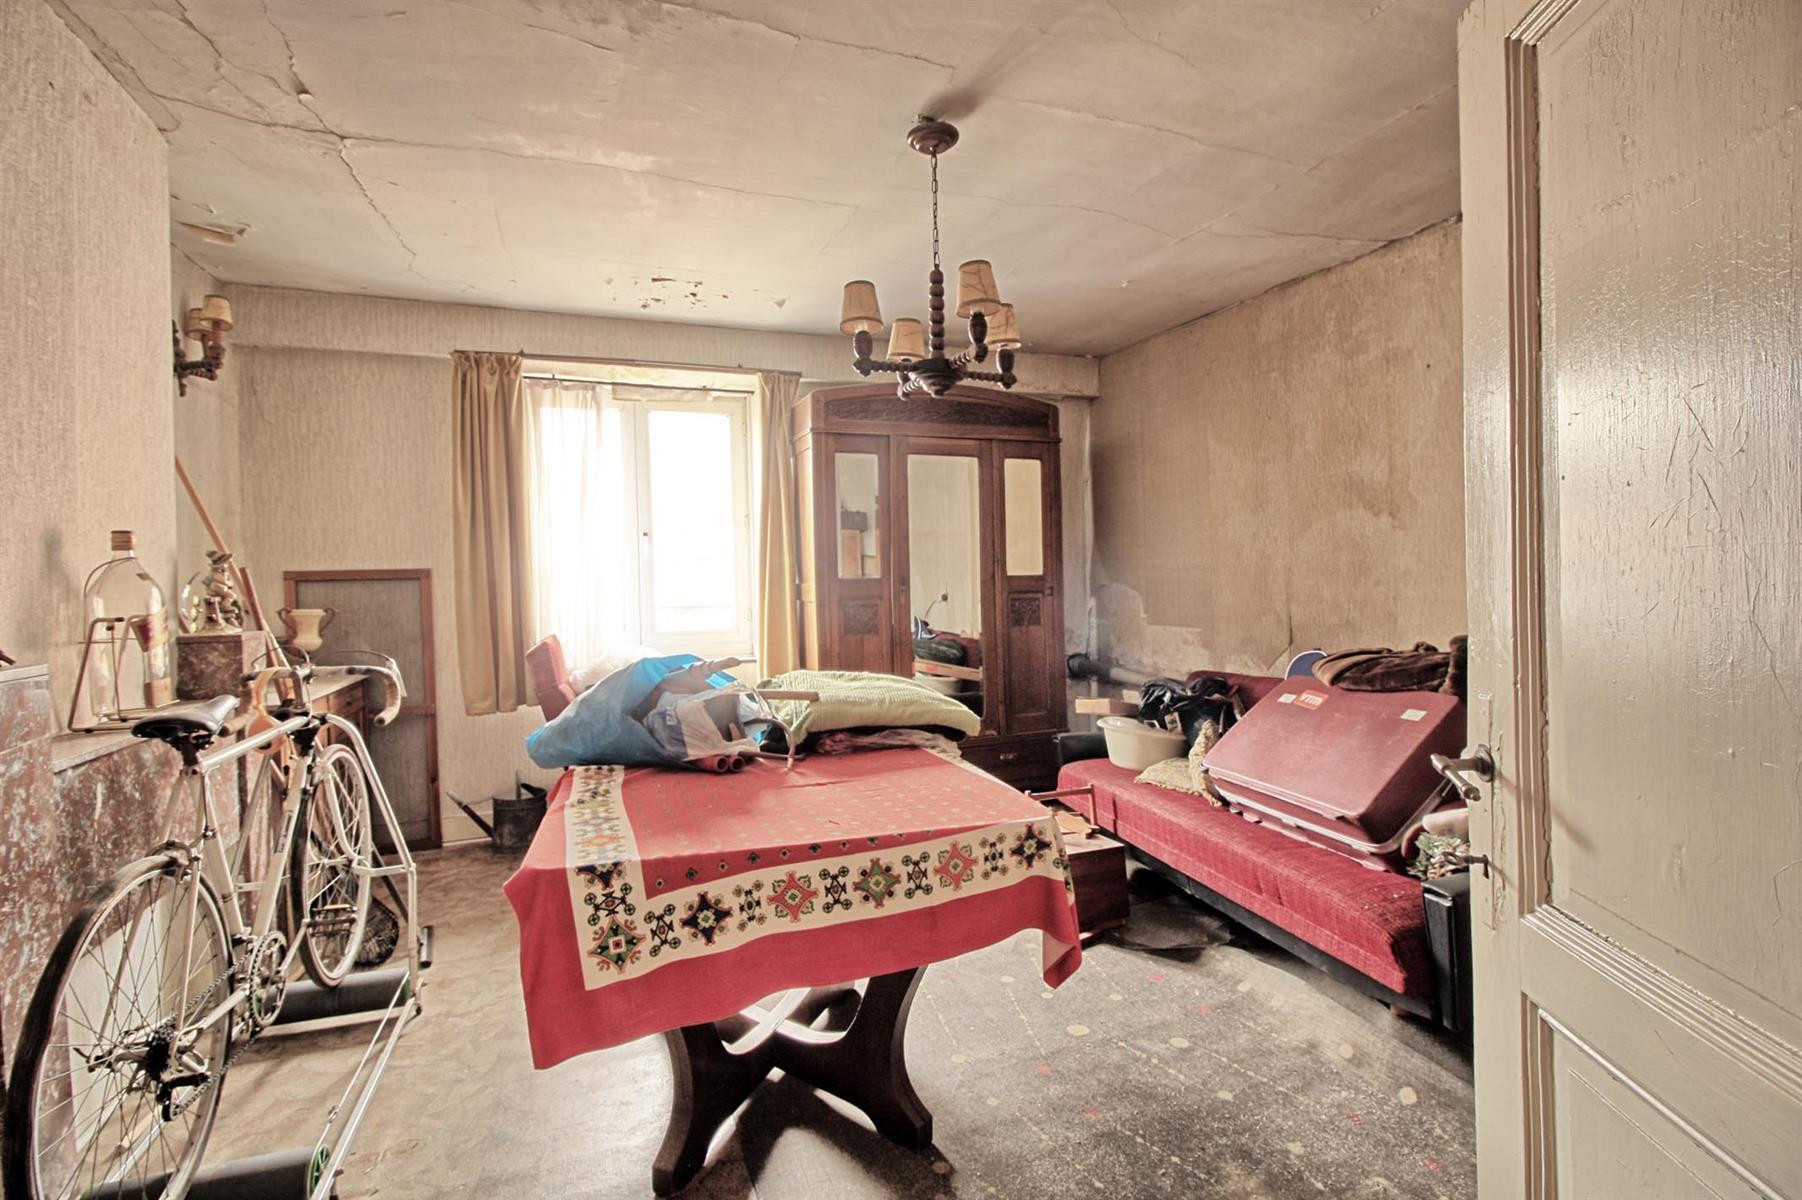 Maison unifamiliale - Woluwe-Saint-Lambert - #4106876-9